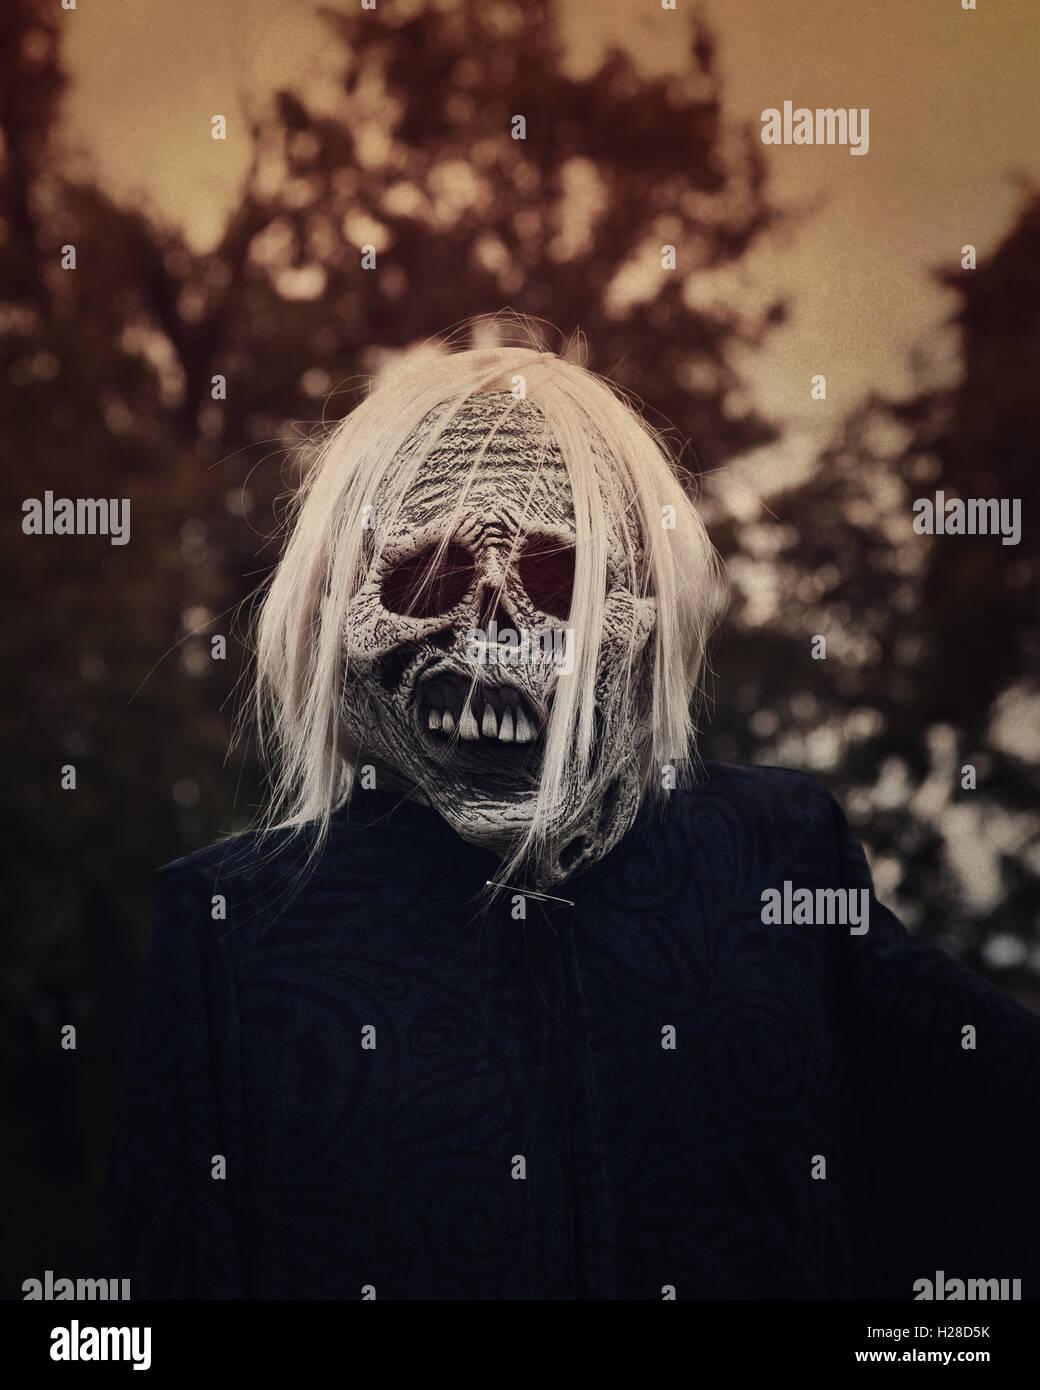 Un bianco fantasma spaventoso zombie è al di fuori di notte con alberi in background per una decorazione o Immagini Stock